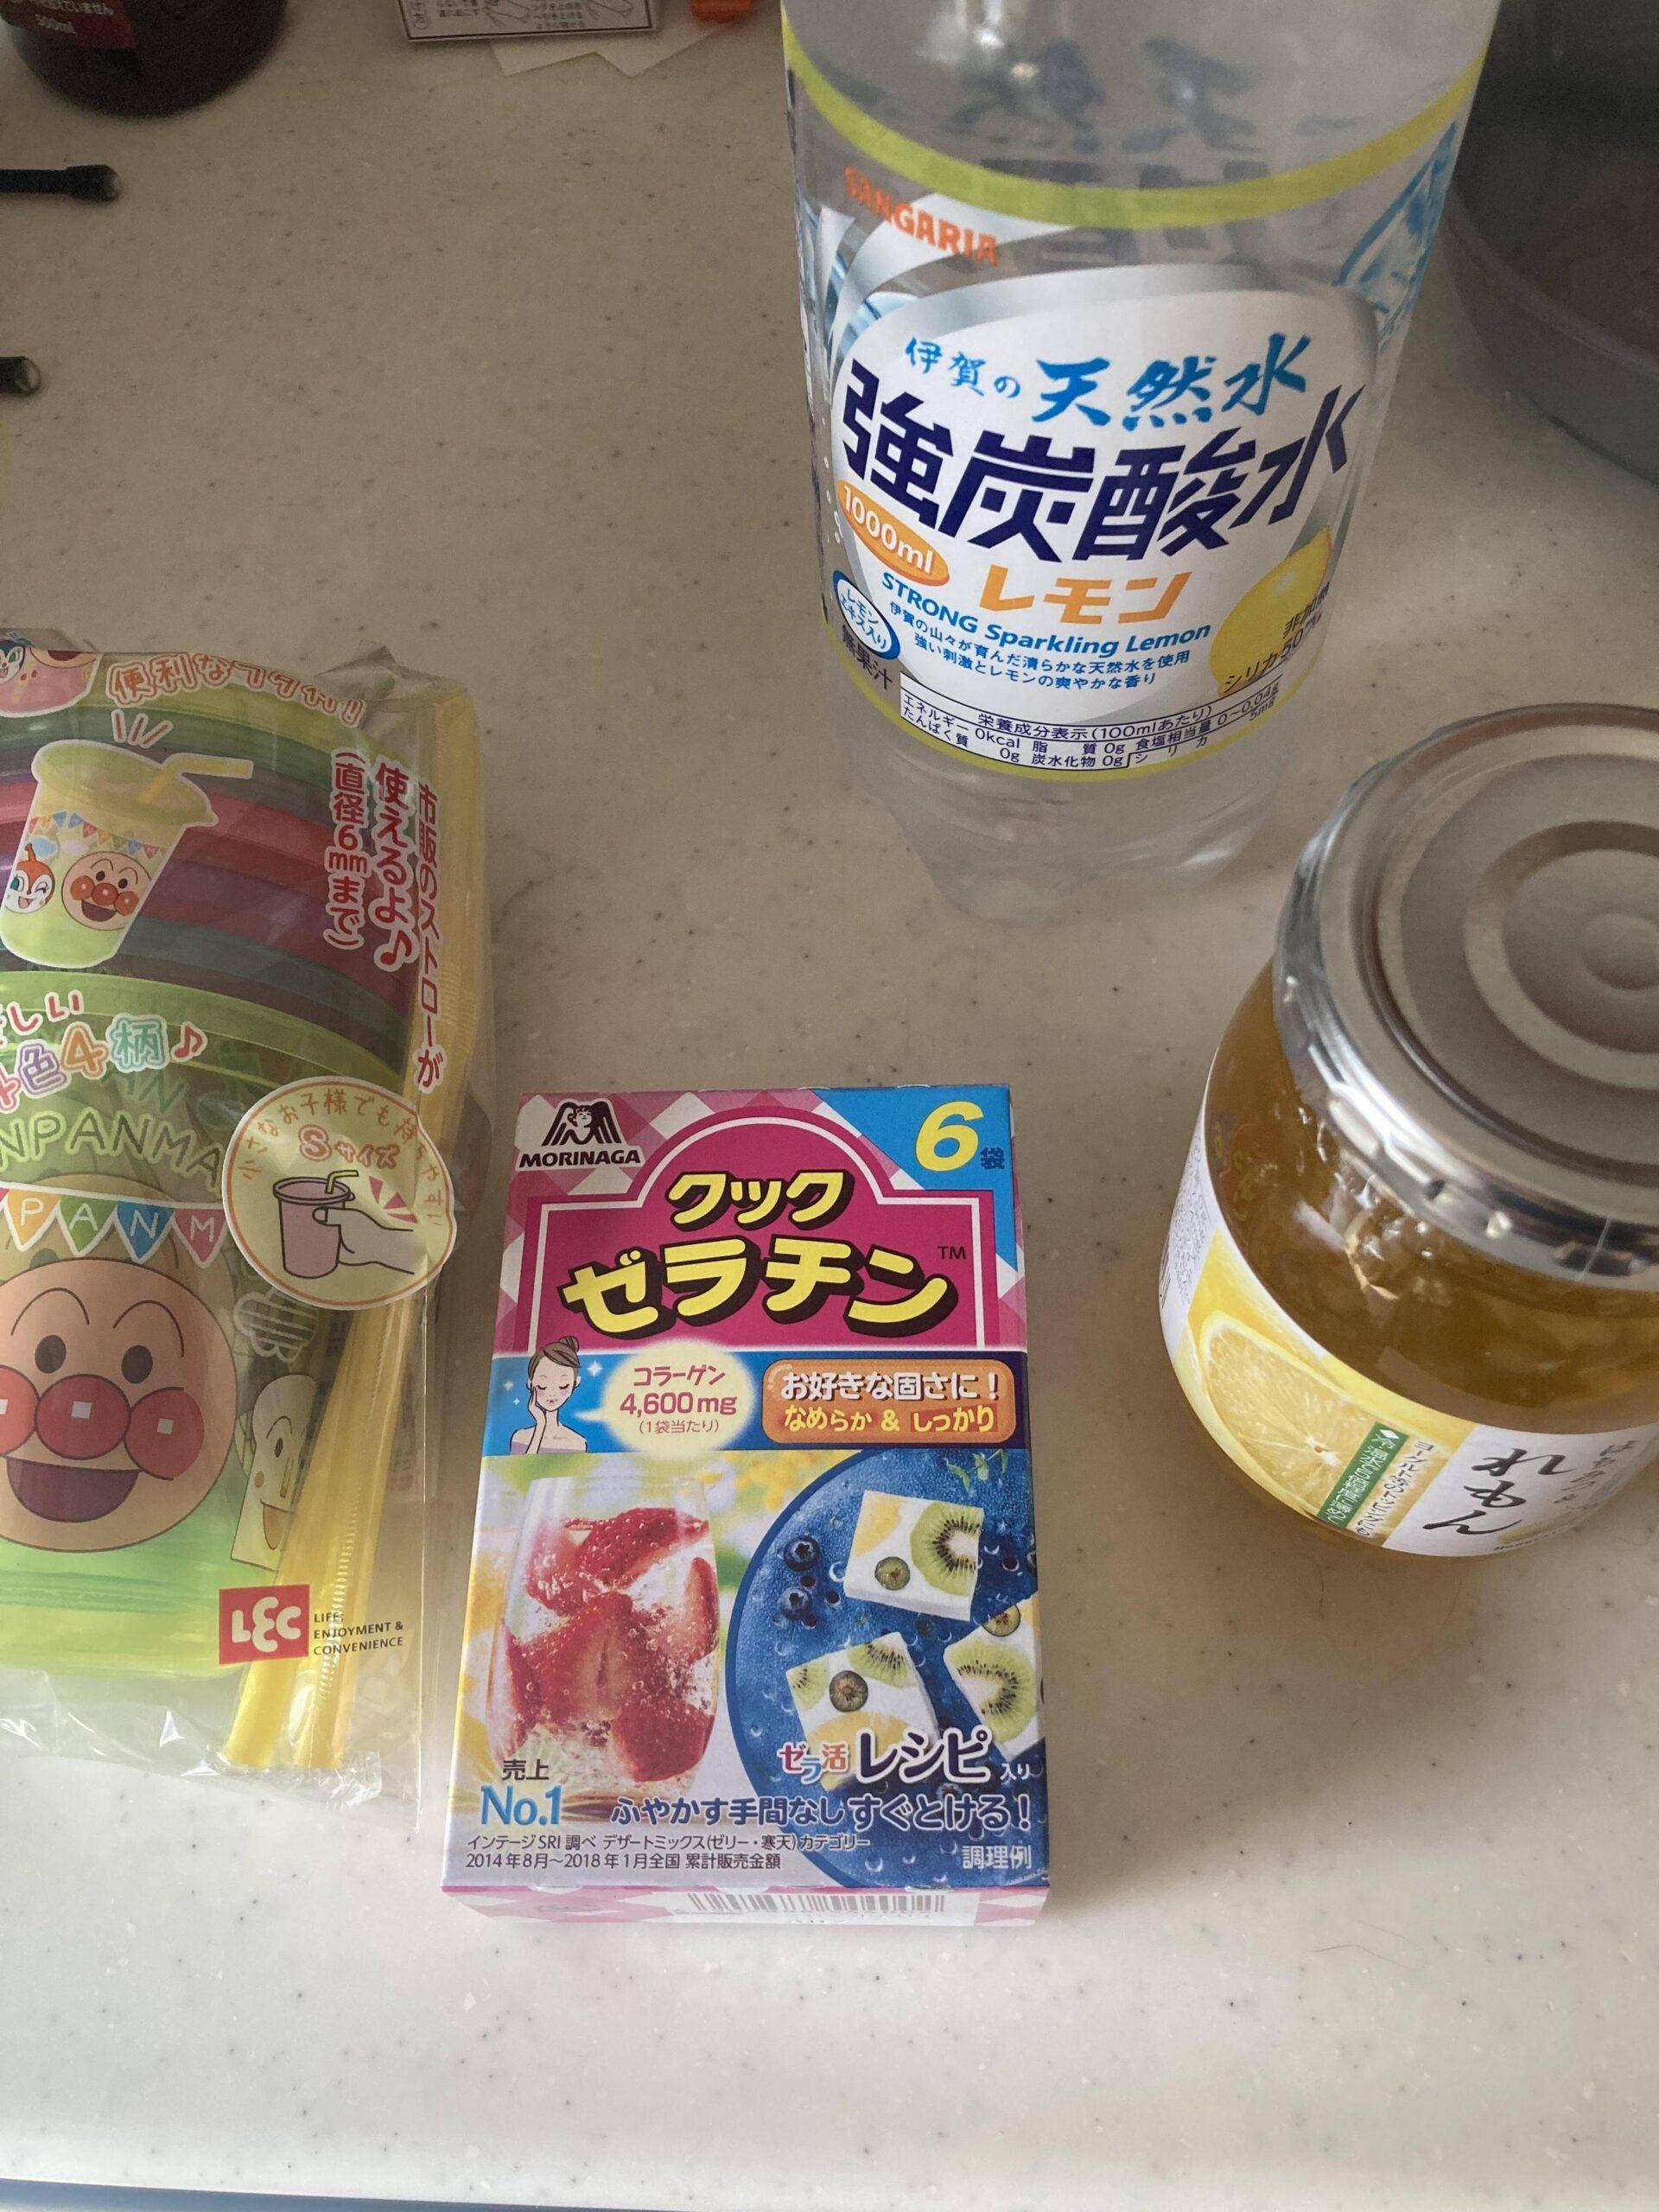 【画像有】お菓子を作るよ